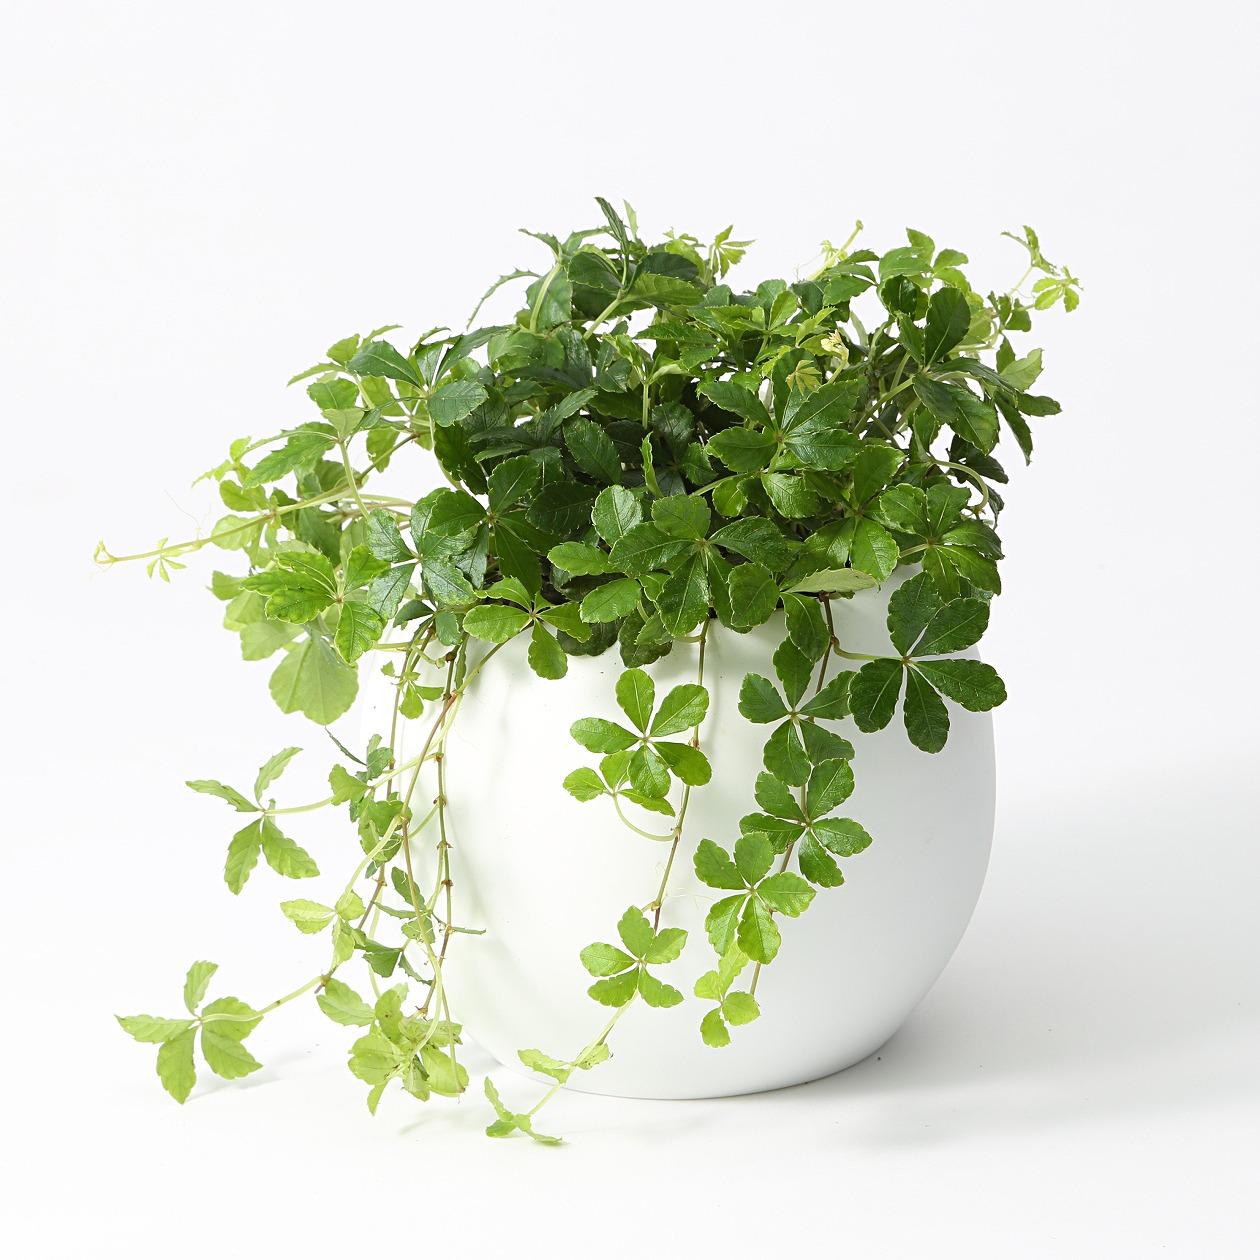 s-無印の植物